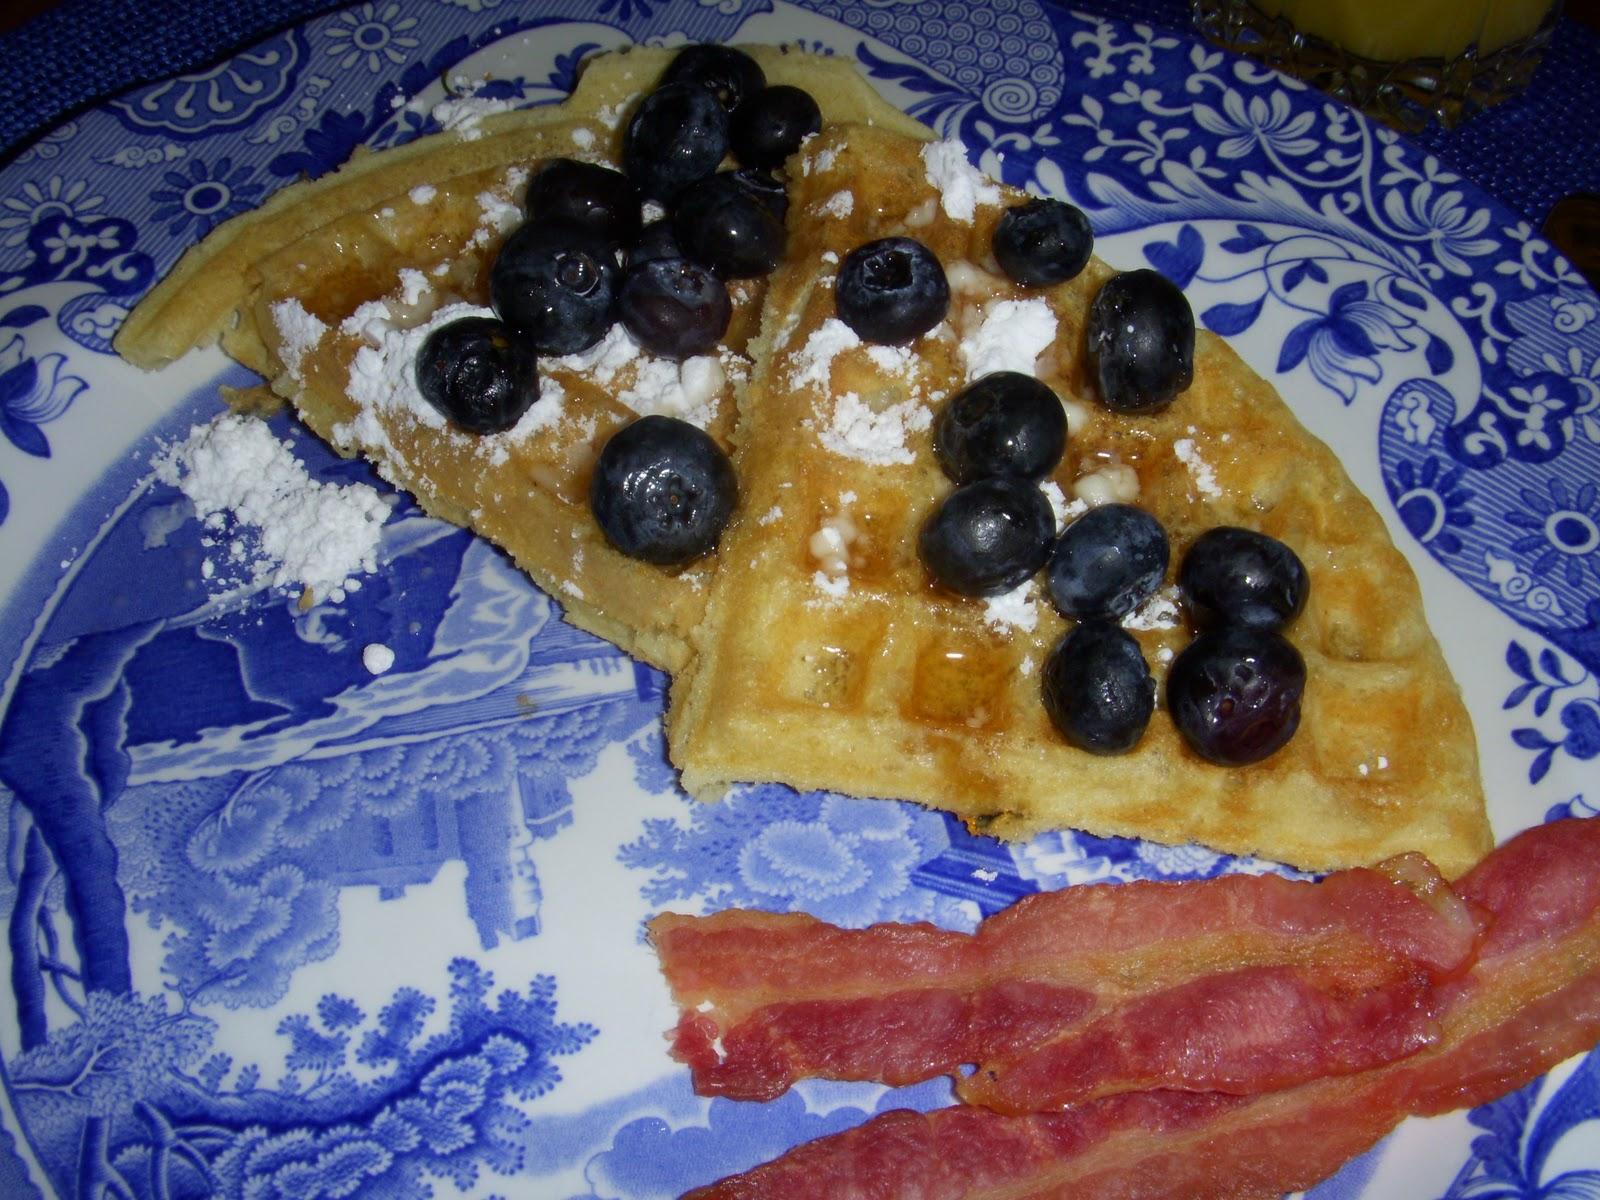 Stonewall Kitchen Pancake Mix Mosaic Tile Farmhouse Waffles (stonewall Kitchen) – Dallas Duo Bakes